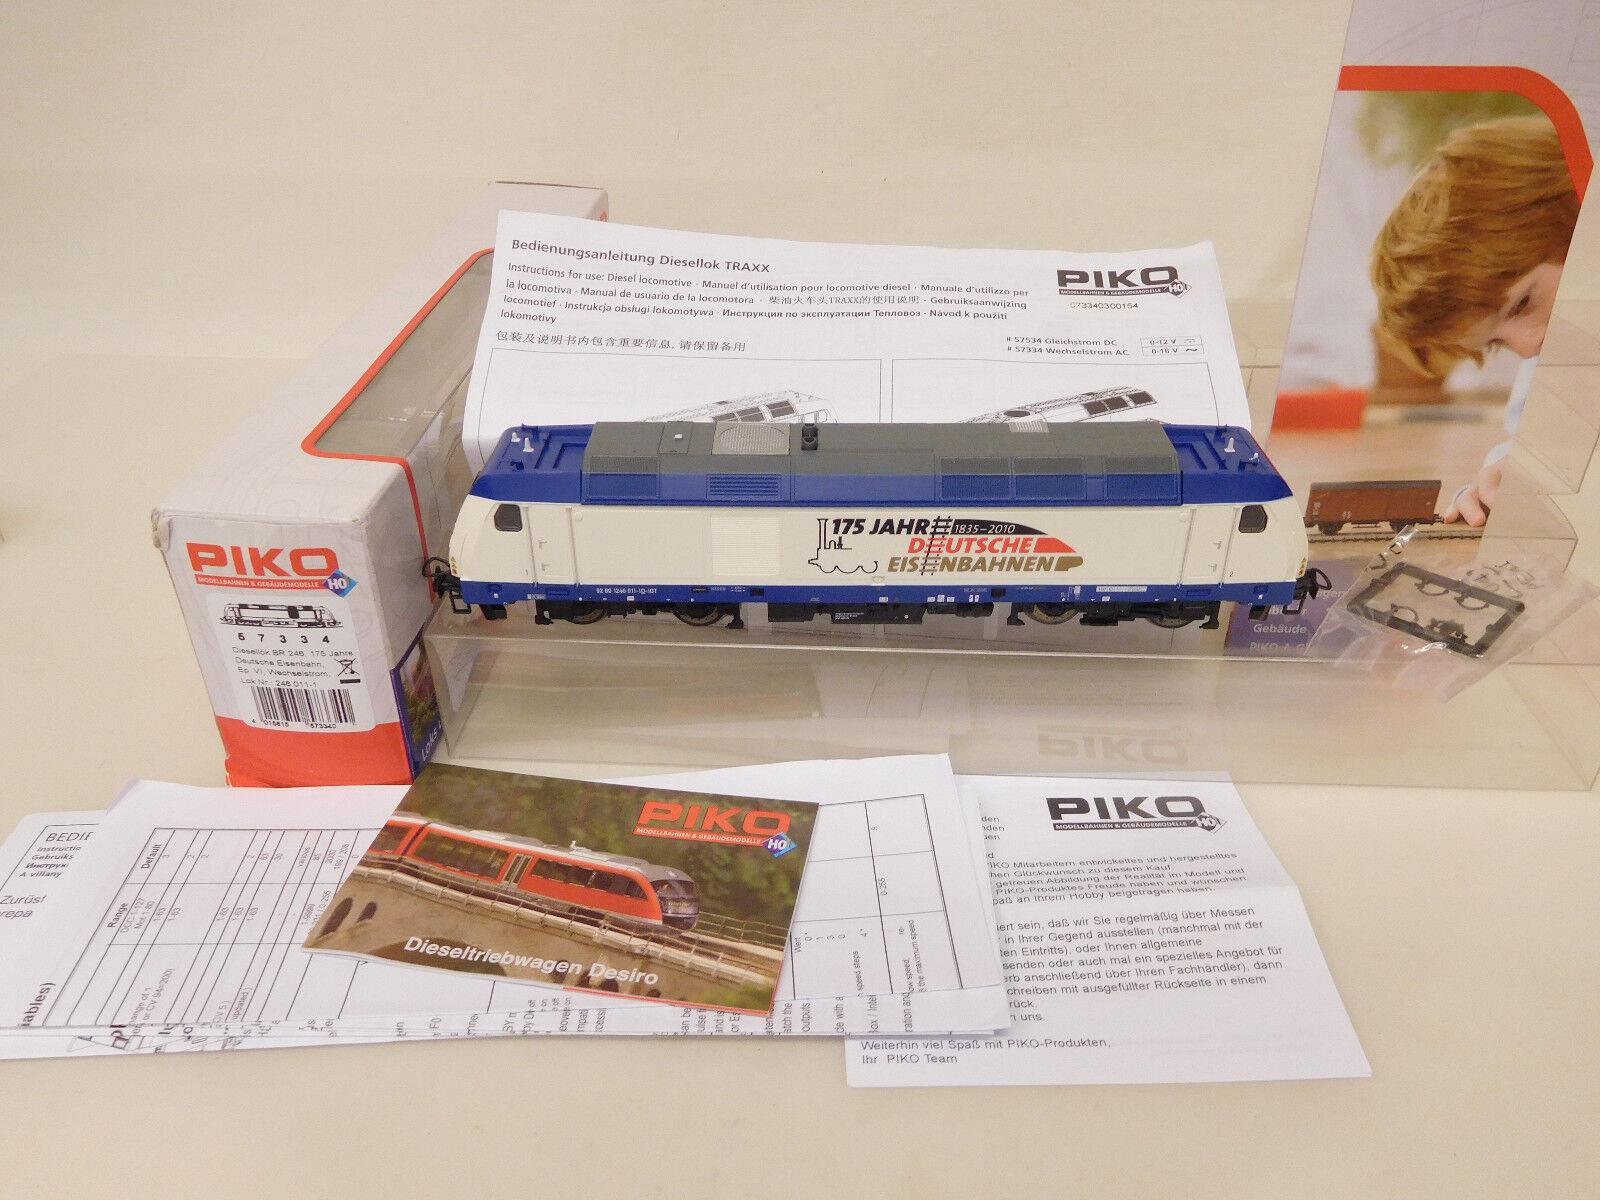 Mes-56865 PIKO 57334 h0 AC DIESEL TRAXX 246 011-1